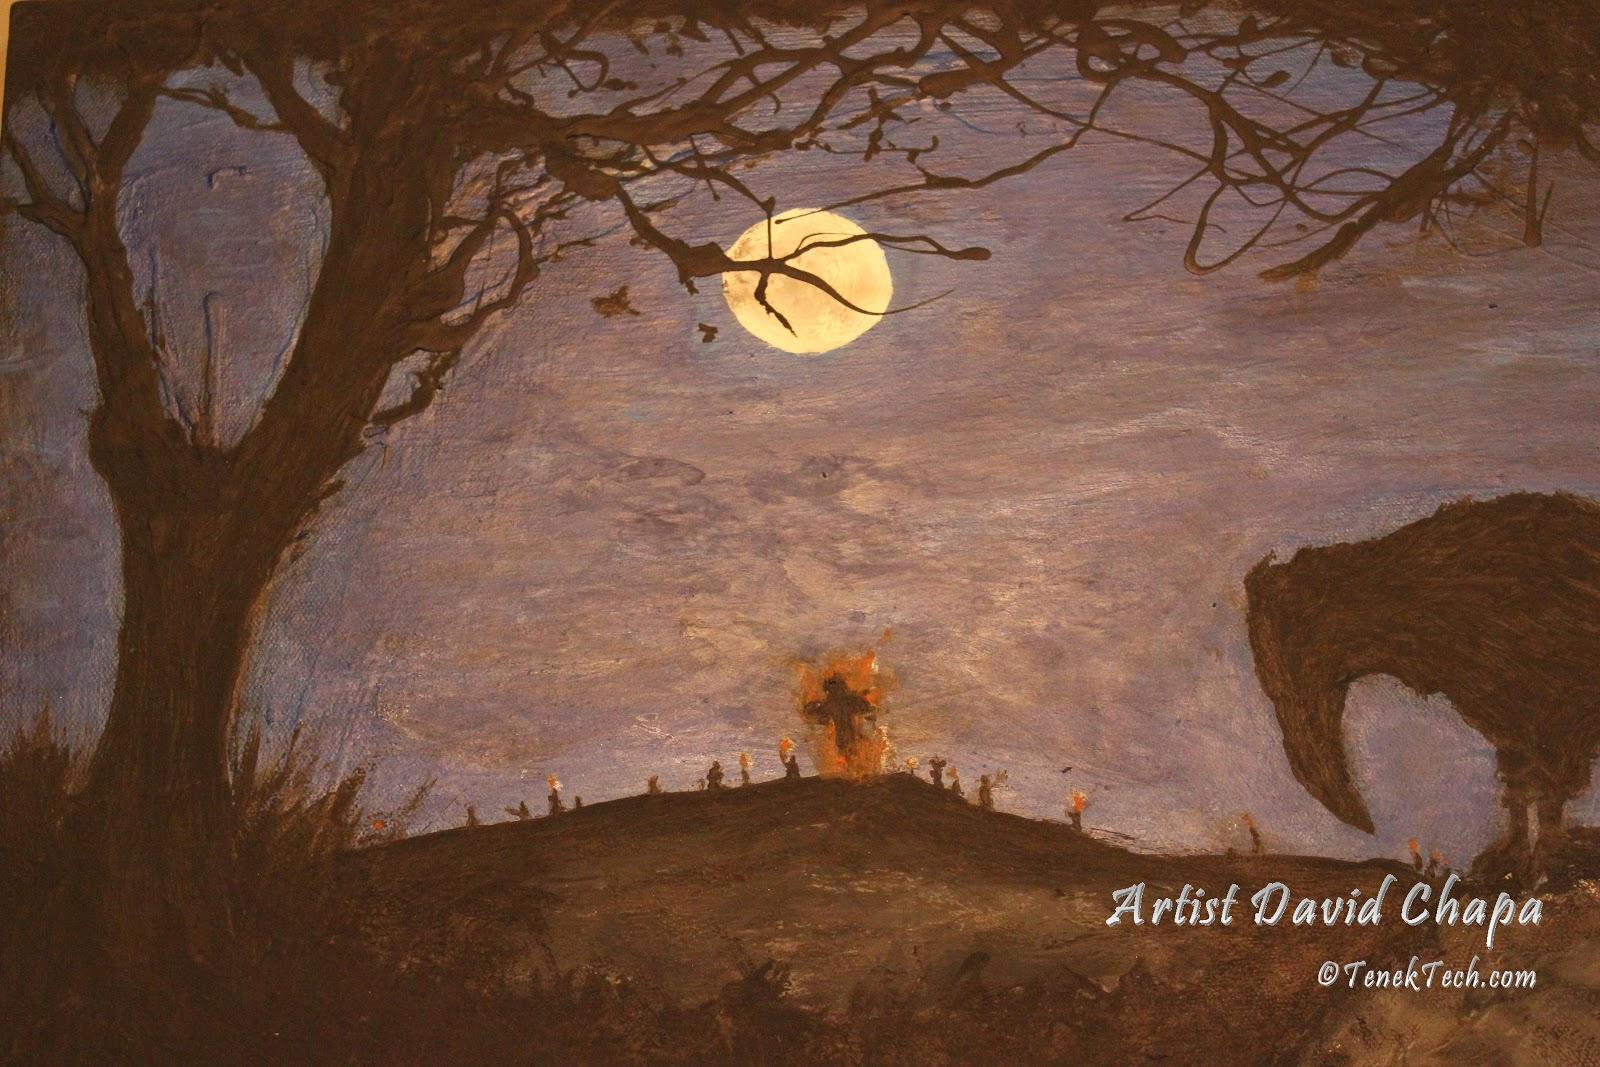 http://3.bp.blogspot.com/-bGt6o2ewrD8/UJbOcXOuL3I/AAAAAAAACks/kLCNLLuVXoY/s1600/vancouverdayofthedeadvanmusicartexhibitionmusterstudios2012_11_03_9200.JPG